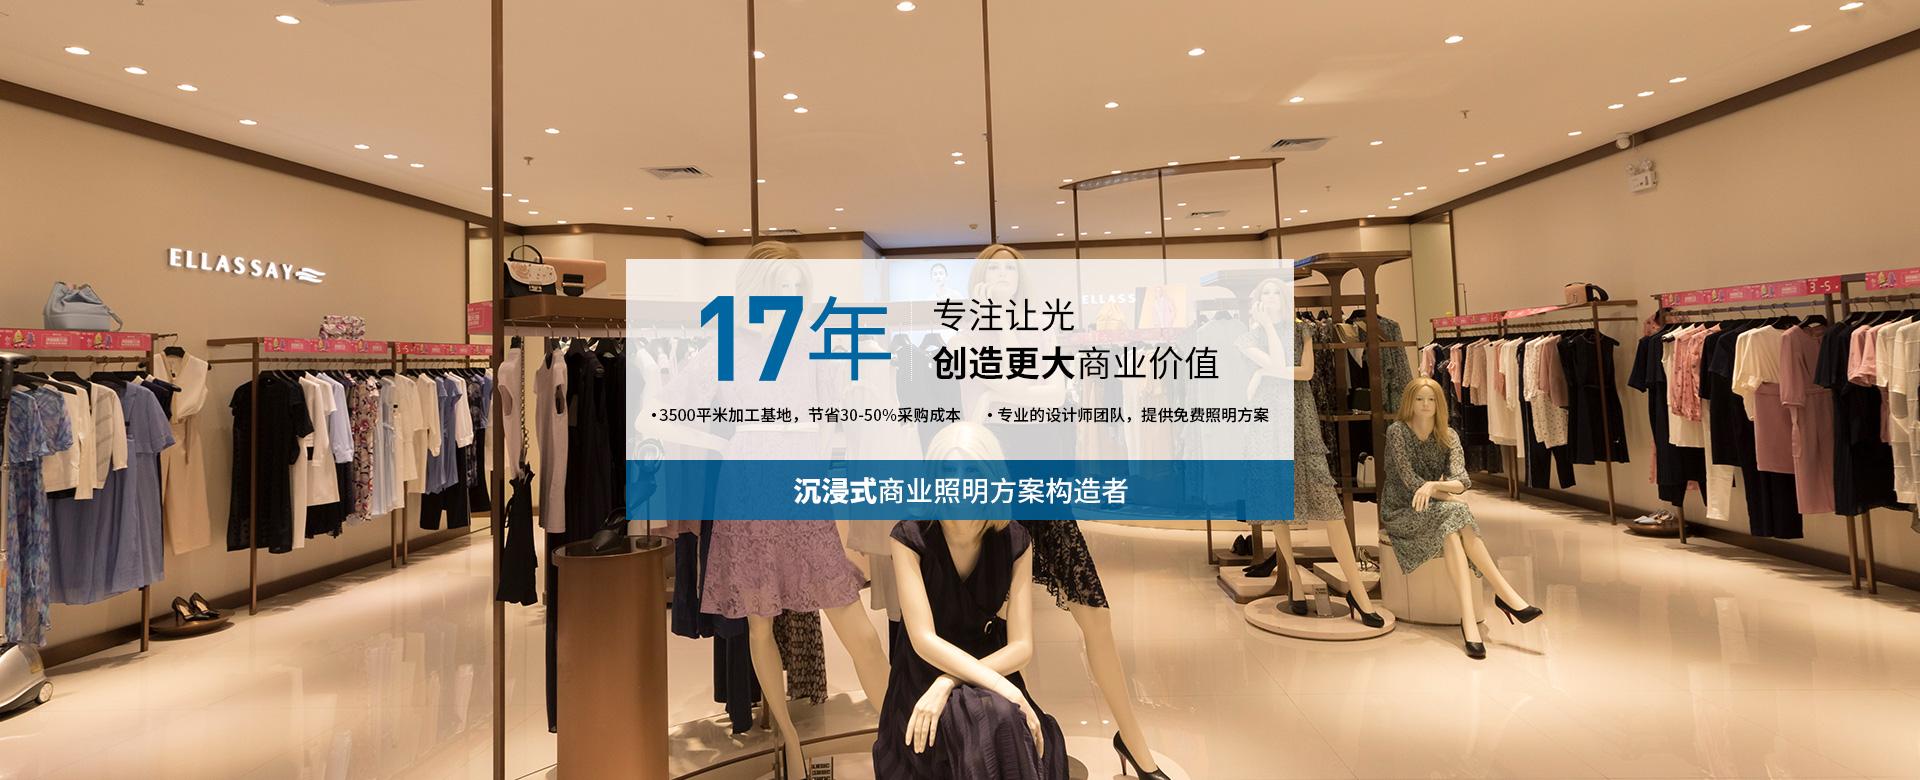 LEDbob客户端苹果版 应用于马天奴服装店铺bob手机版官网案例